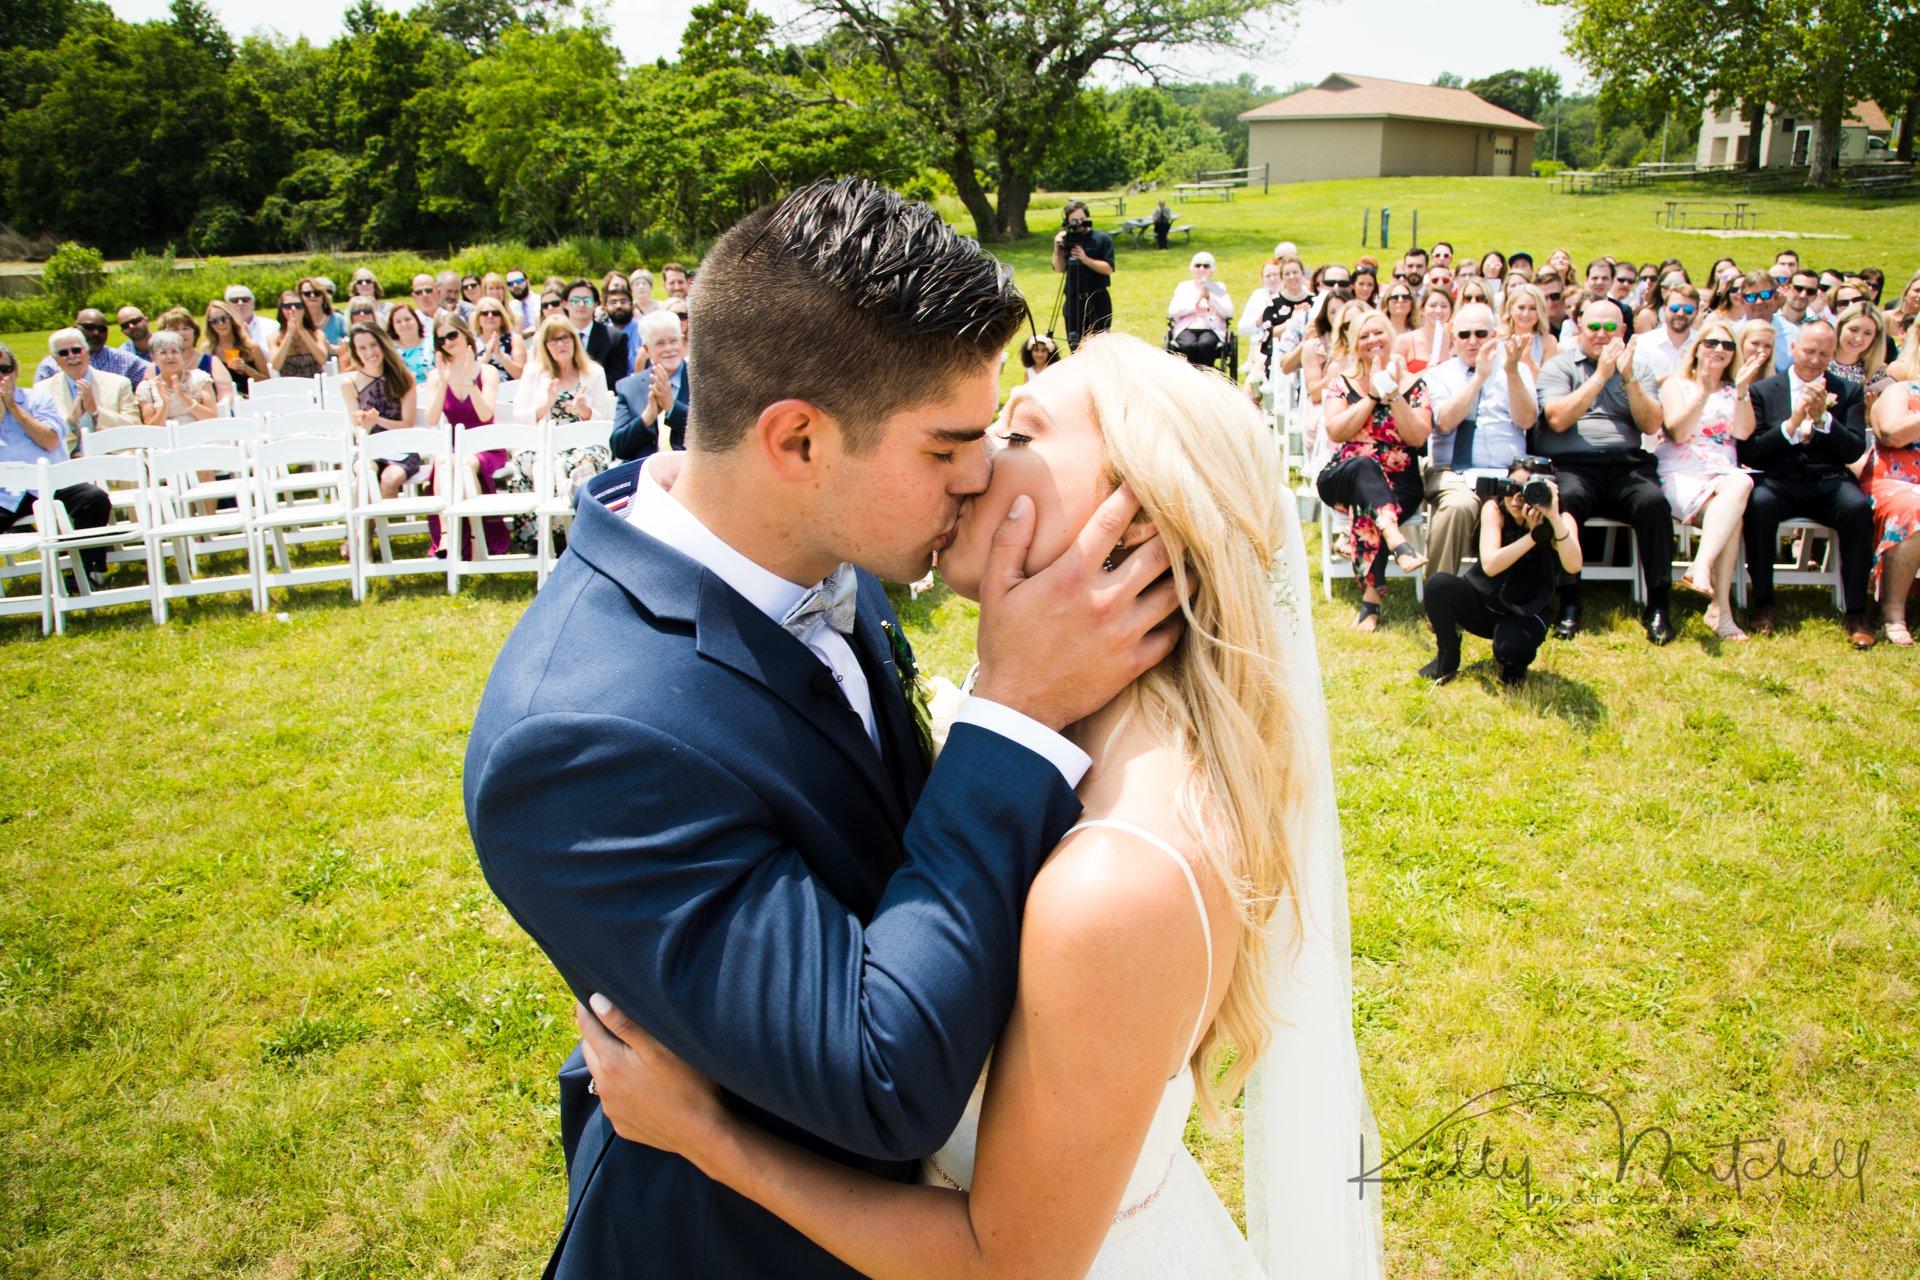 unique wedding ceremony photos, wedding guest dress, outdoor wedding venue